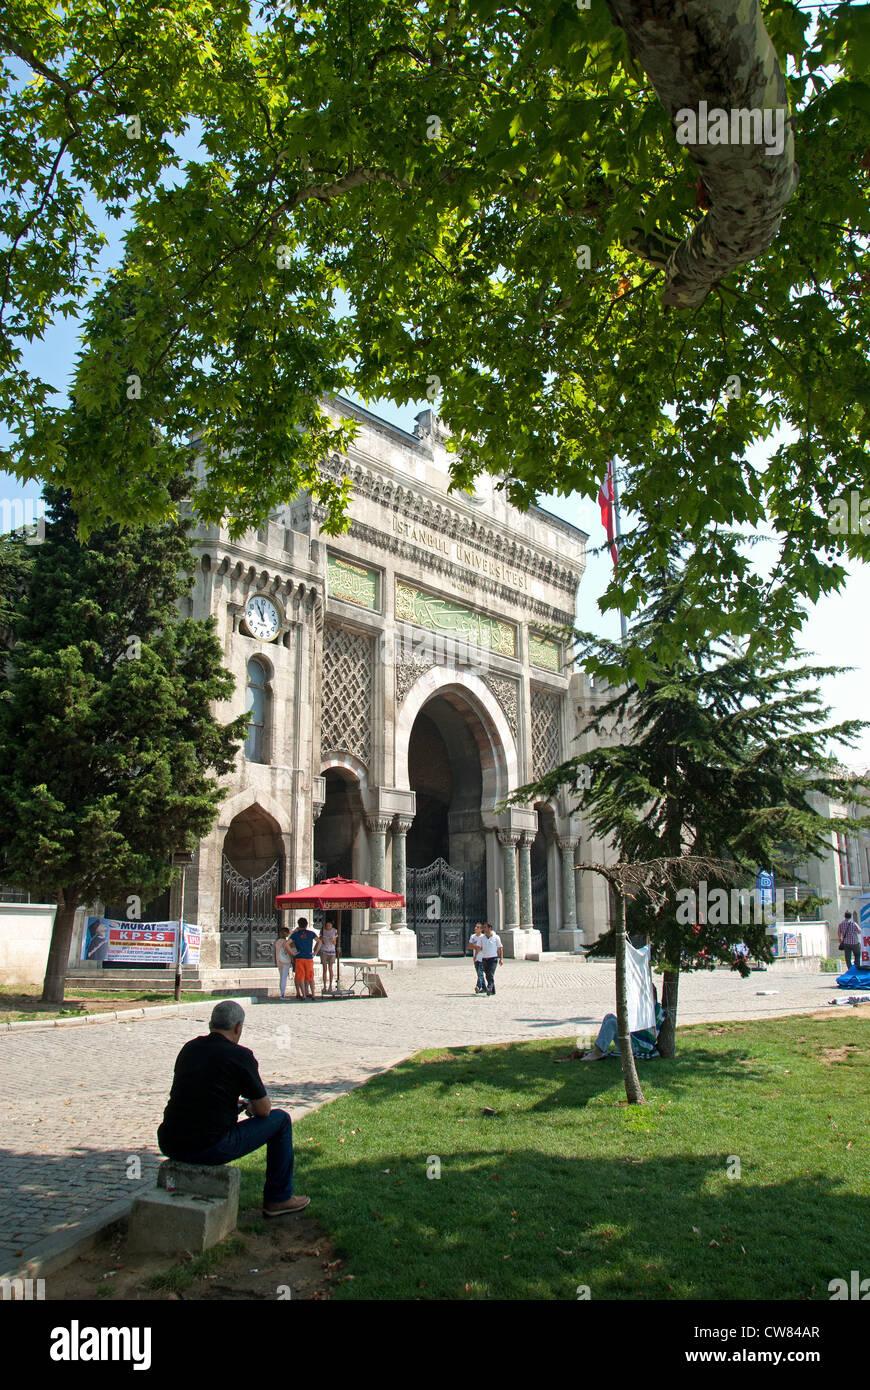 ISTANBUL, TURKEY. The main entrance to Istanbul University on Beyazit Meydani. 2012. - Stock Image